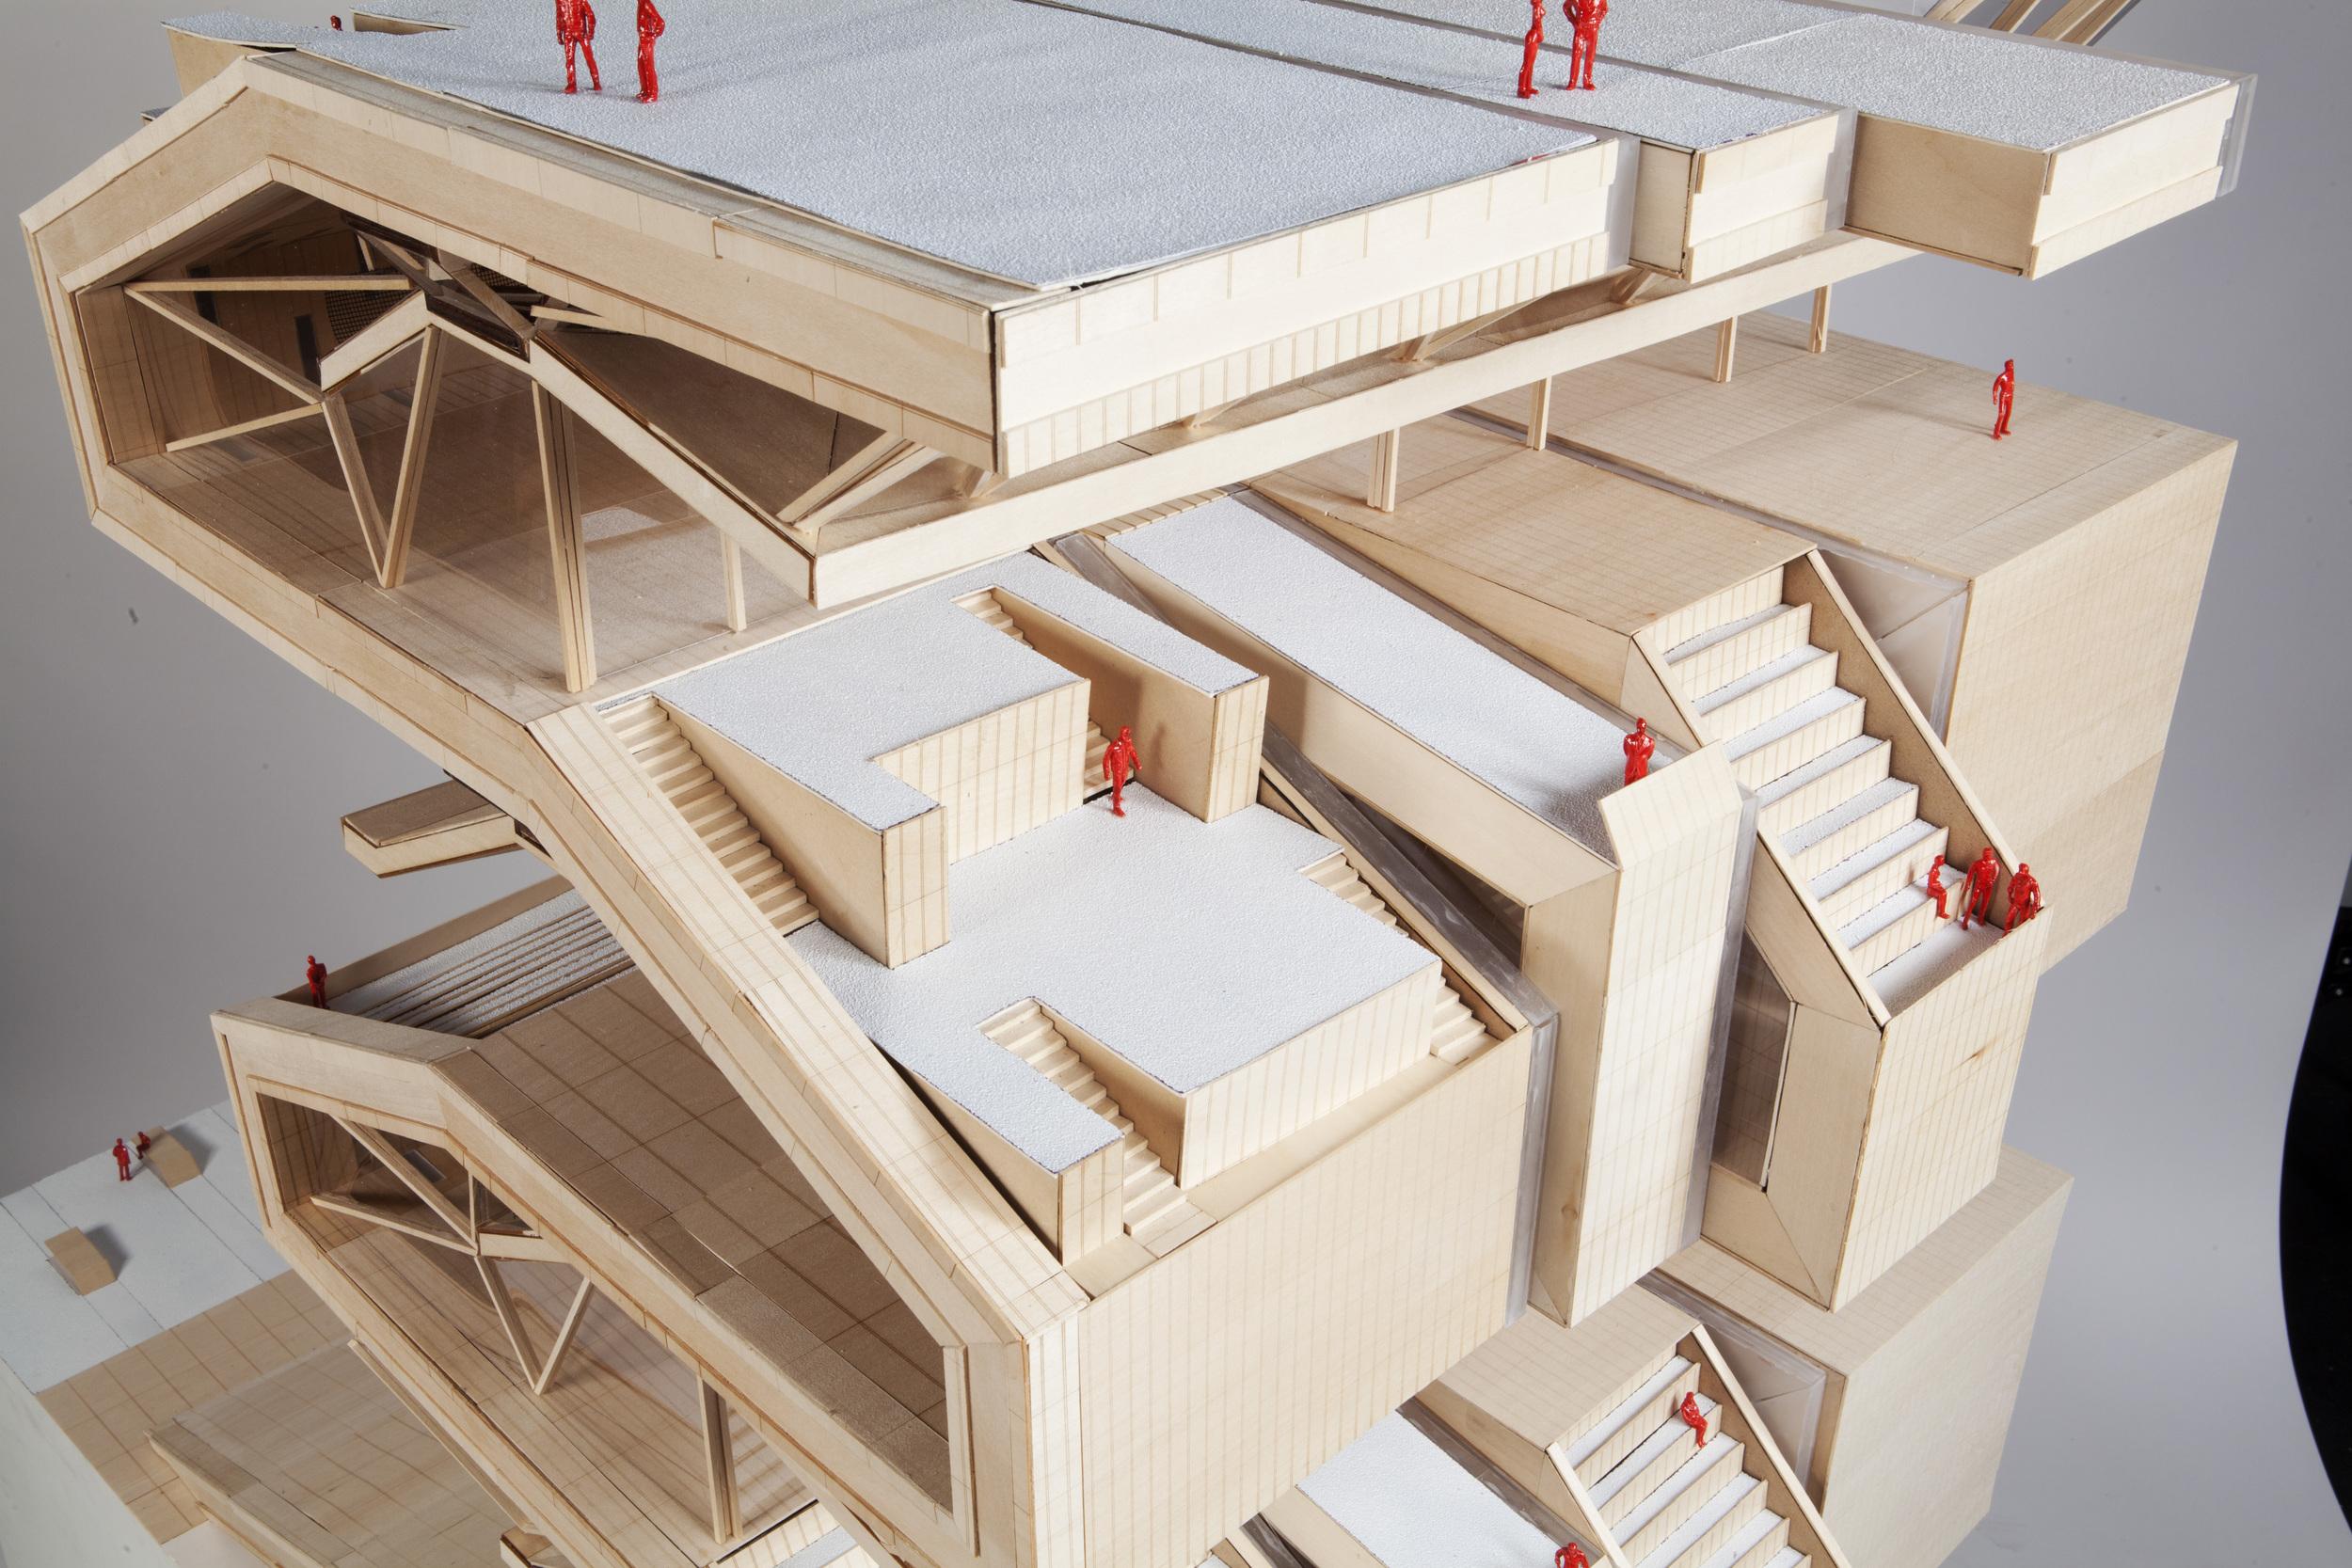 model_aerial.jpg